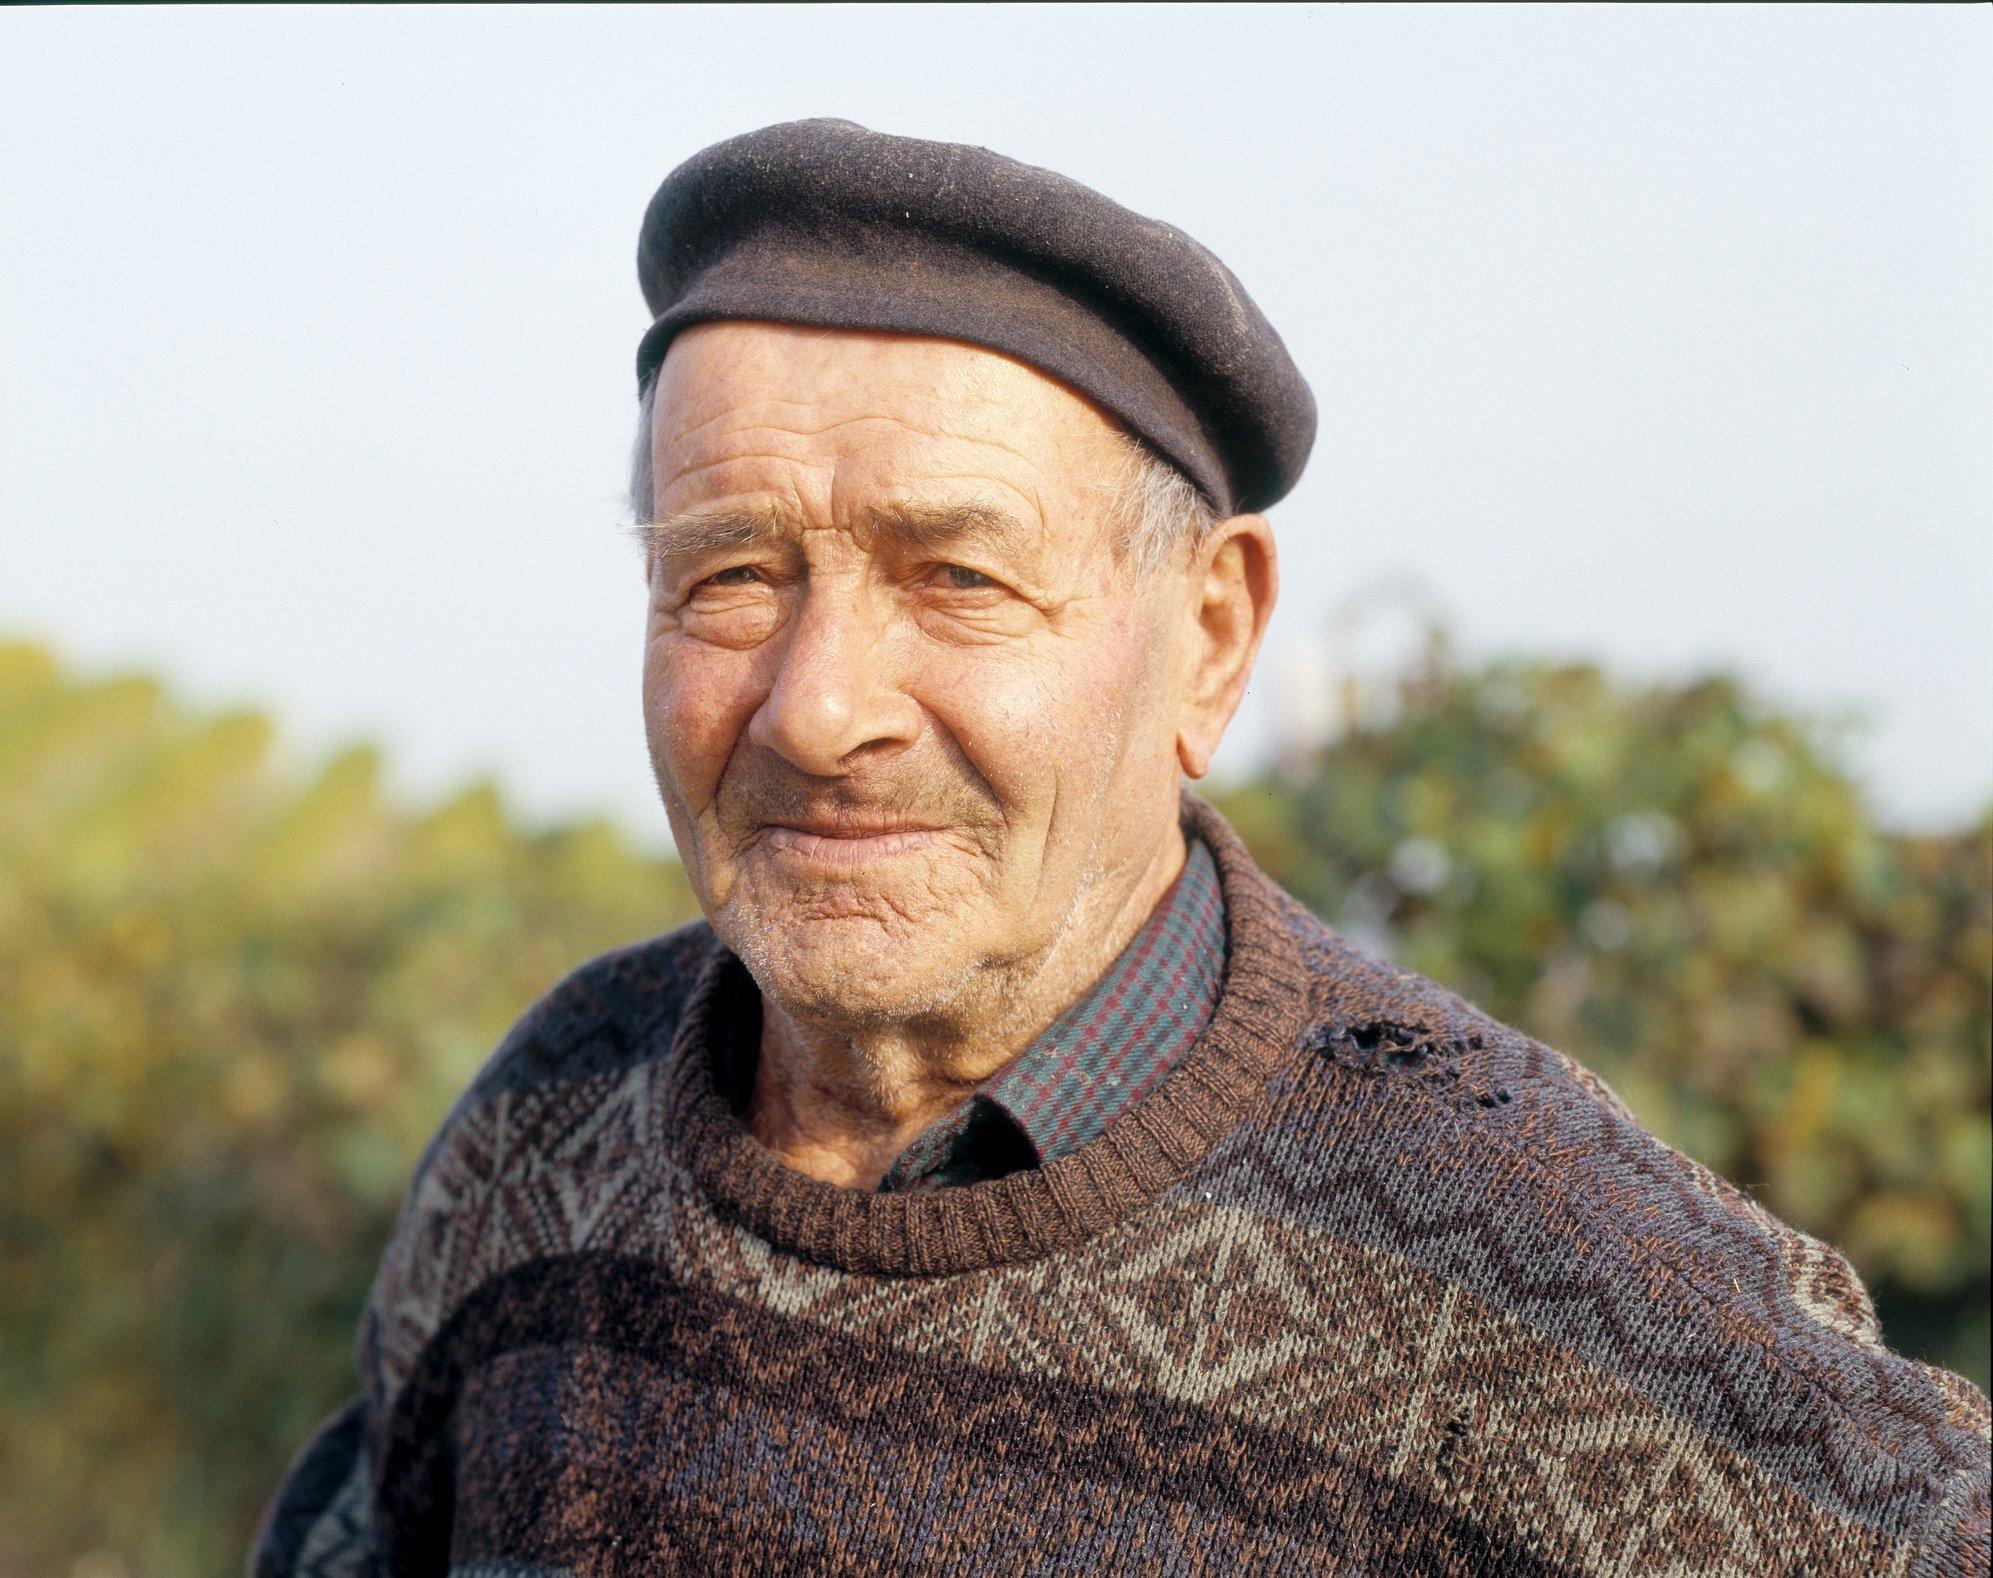 Italian Vendemia 40 oldman in vineyard#3